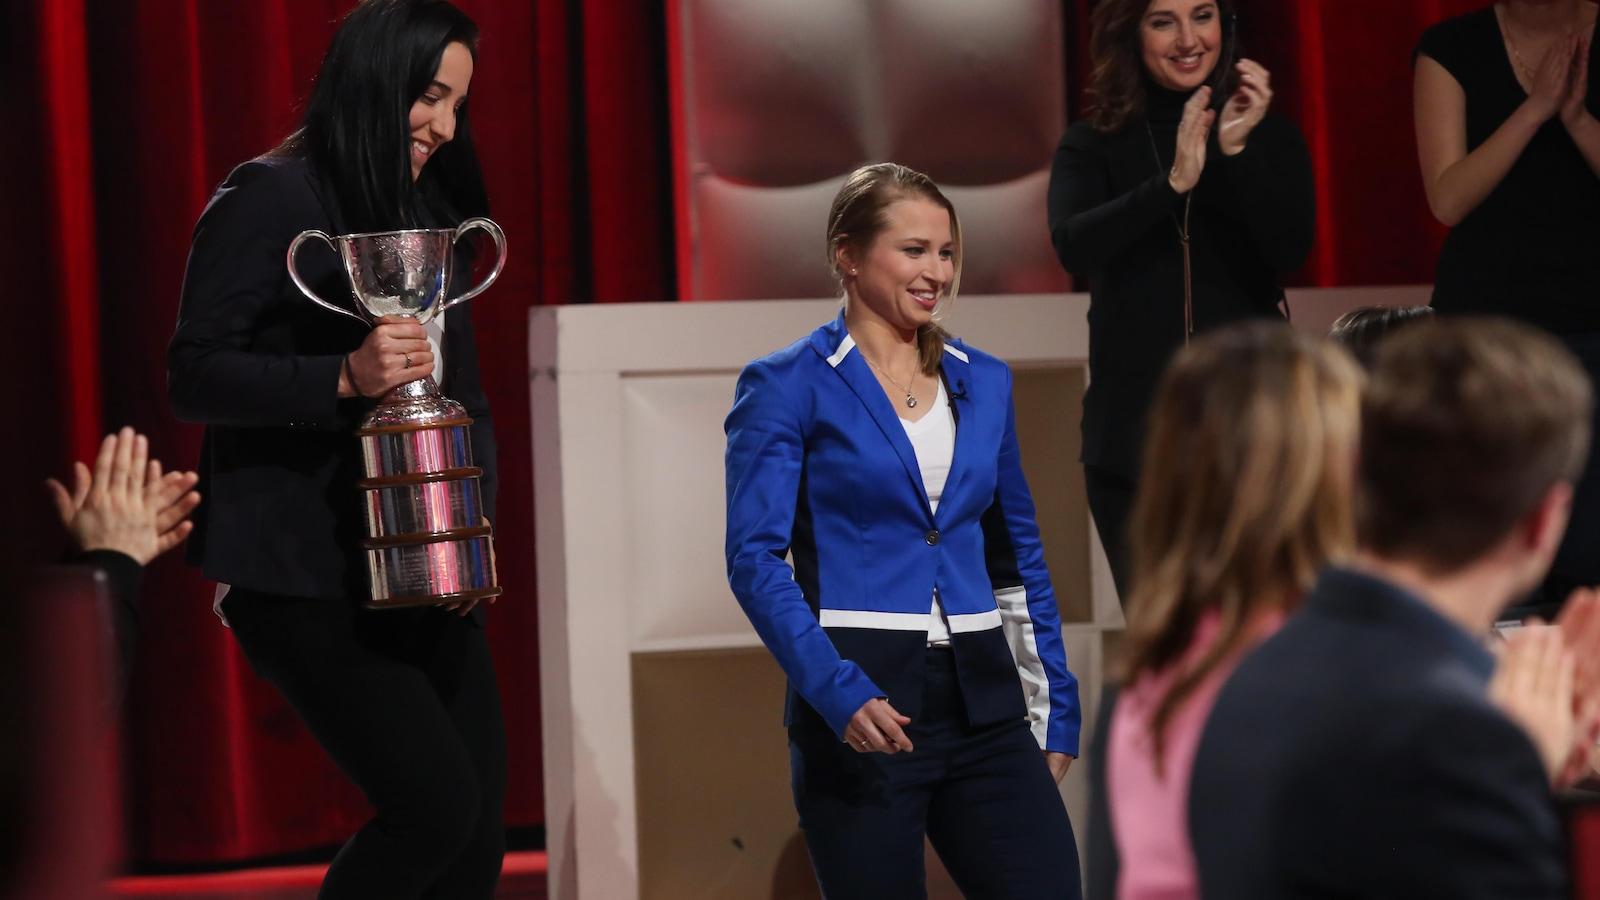 Caroline Ouellette s'avance avec la Coupe Clarkson dans les mains.